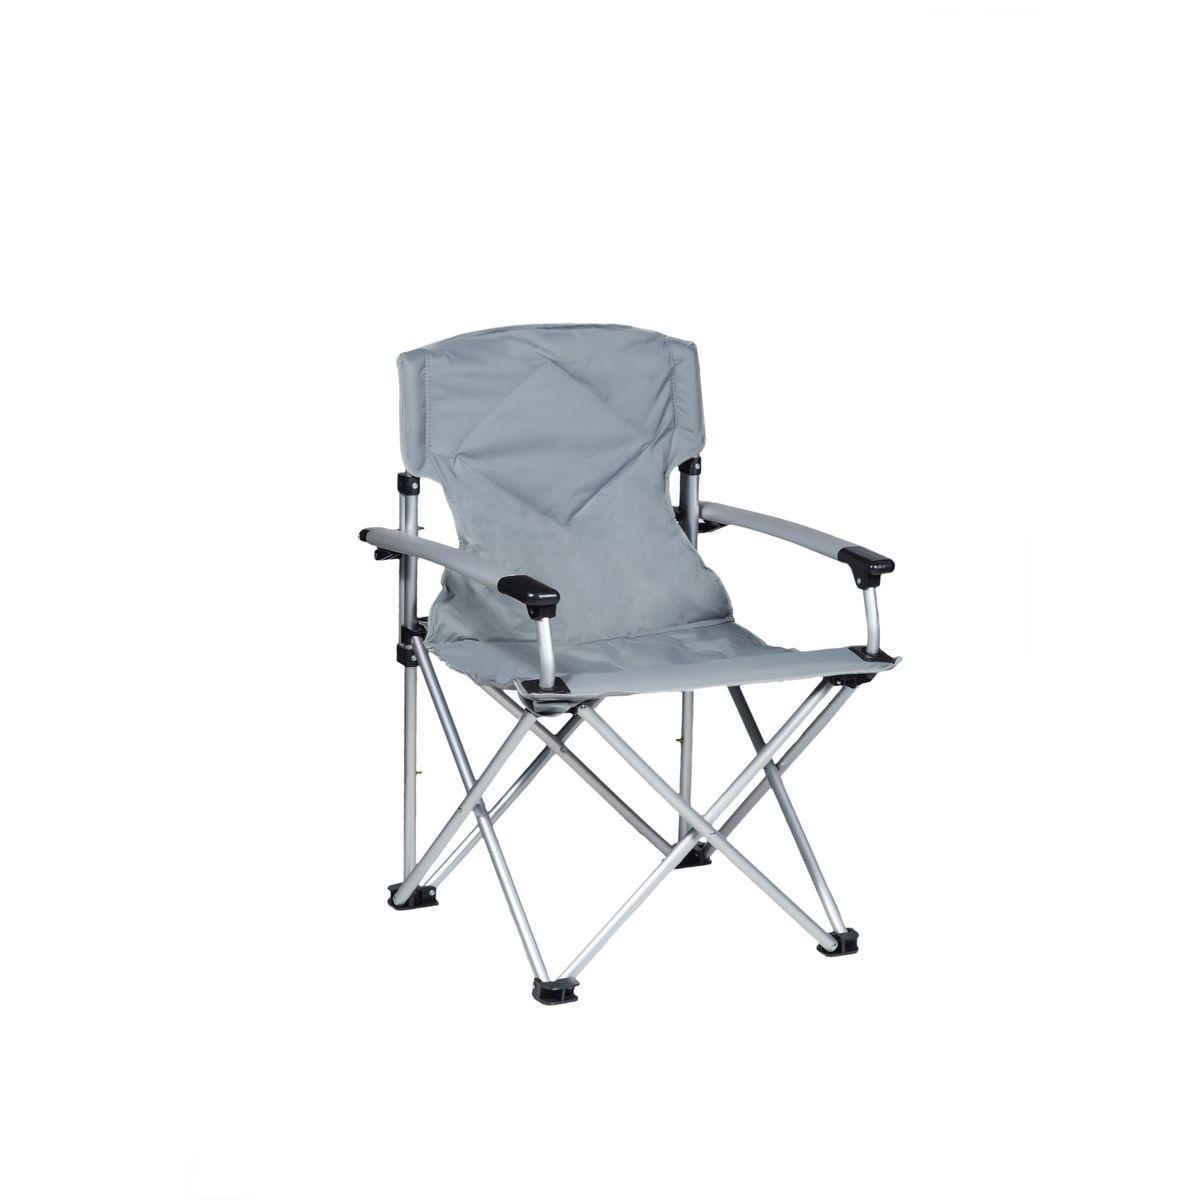 Кресло складное Green Glade M2306, 65 см х 66 см х 95 смМ2305Складное кресло Green Glade M2306 предназначено для создания комфортных условий в туристических походах, рыбалке и кемпинге. Особенности: Компактная складная конструкция. Прочный стальной каркас 25/21,5 мм. Прочный полиэстер + ПВХ с набивкой из пеноматериала. Пластиковые подлокотники. Чехол для переноски и хранения.